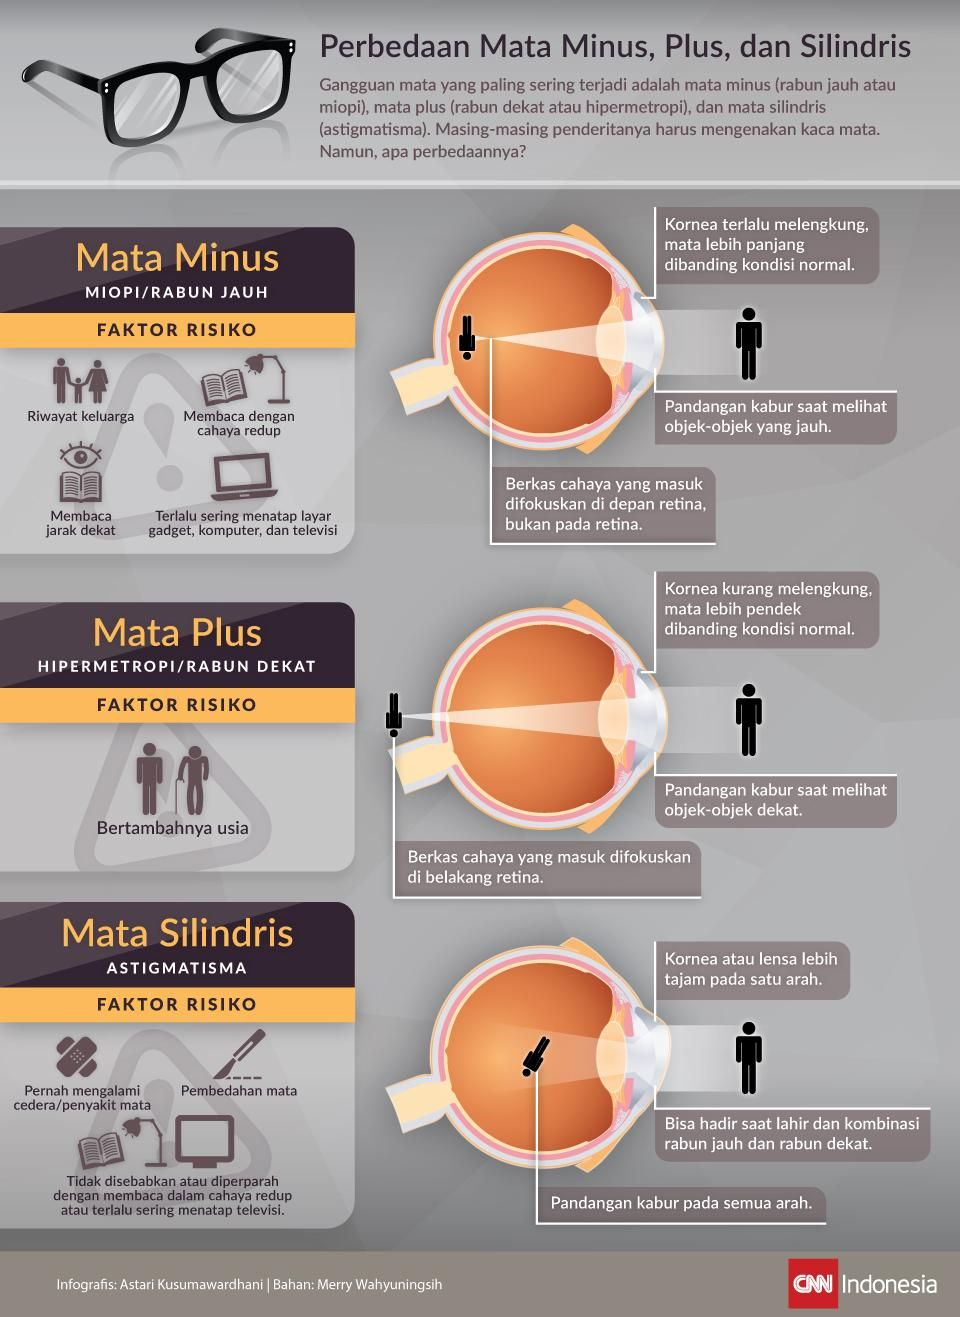 tradiția viziunii umane ce este miopia 6 dioptrii